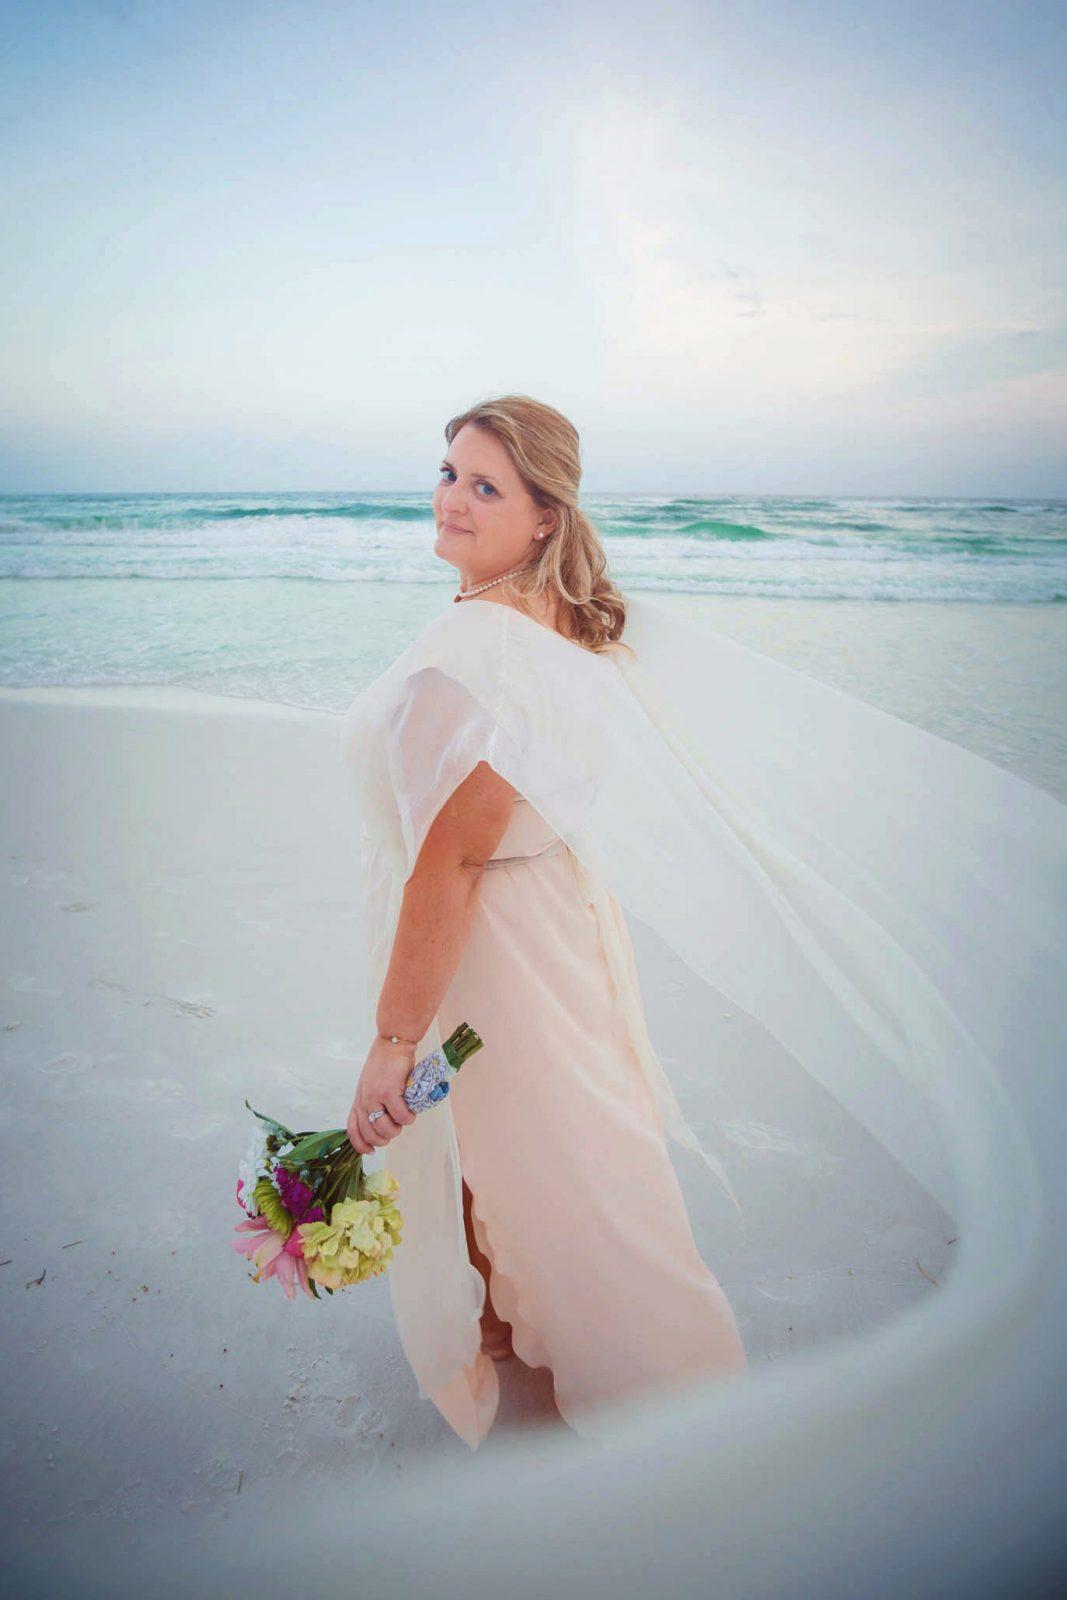 plus size bride, curvy wedding dress, dream wedding, beach wedding